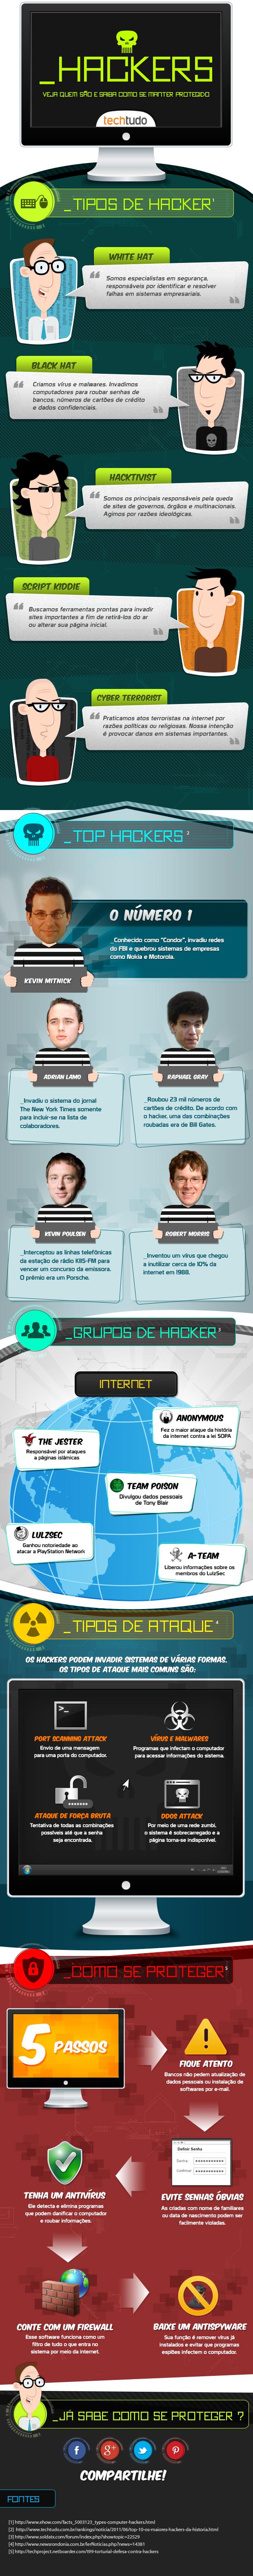 infografico-portal-tailandia-tipos-de-hackers